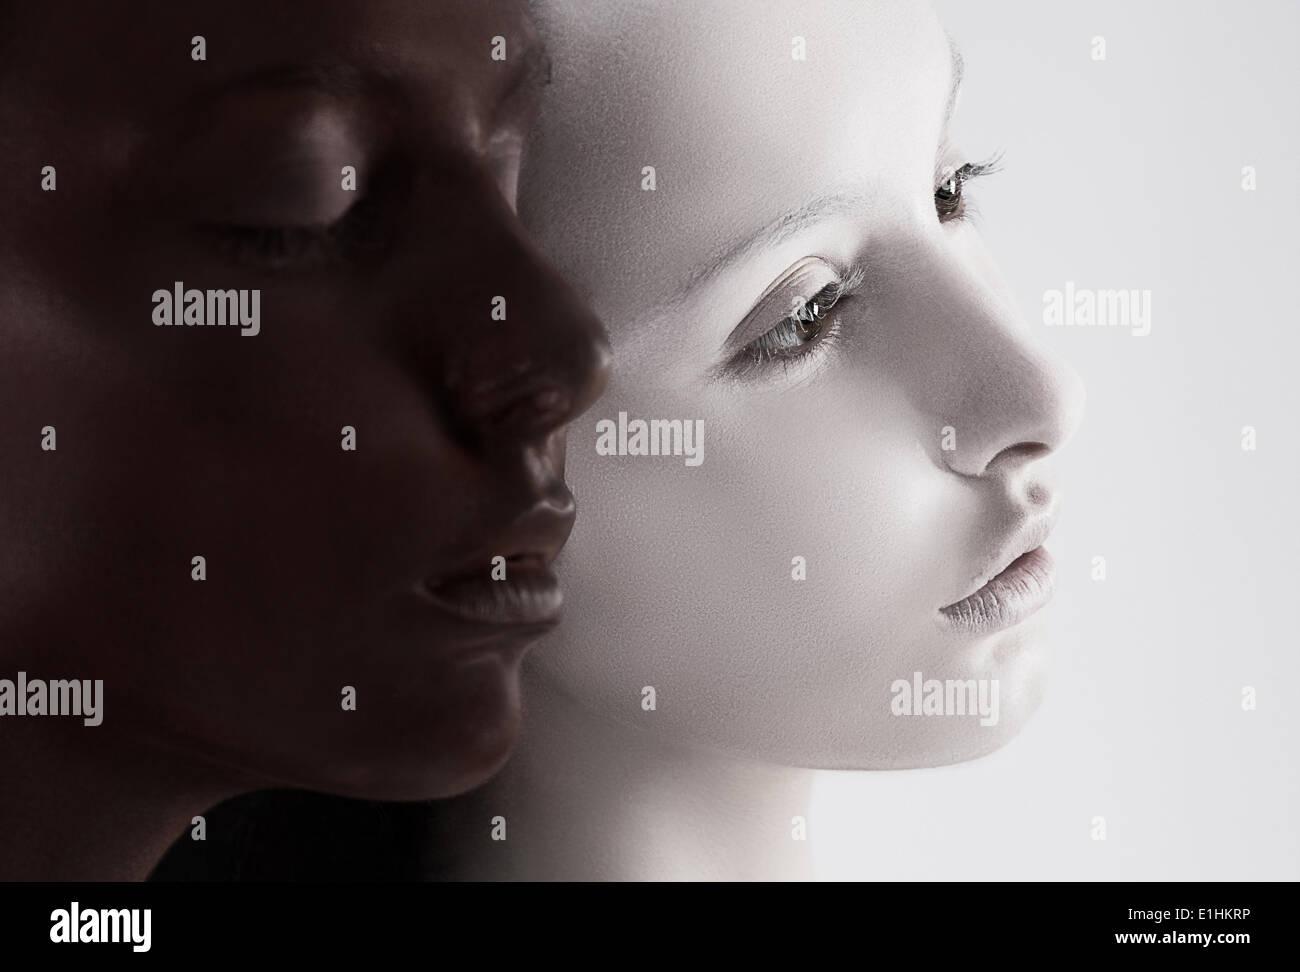 La diversità culturale. Due facce di colore nero e bianco. Yin Yang Style Immagini Stock